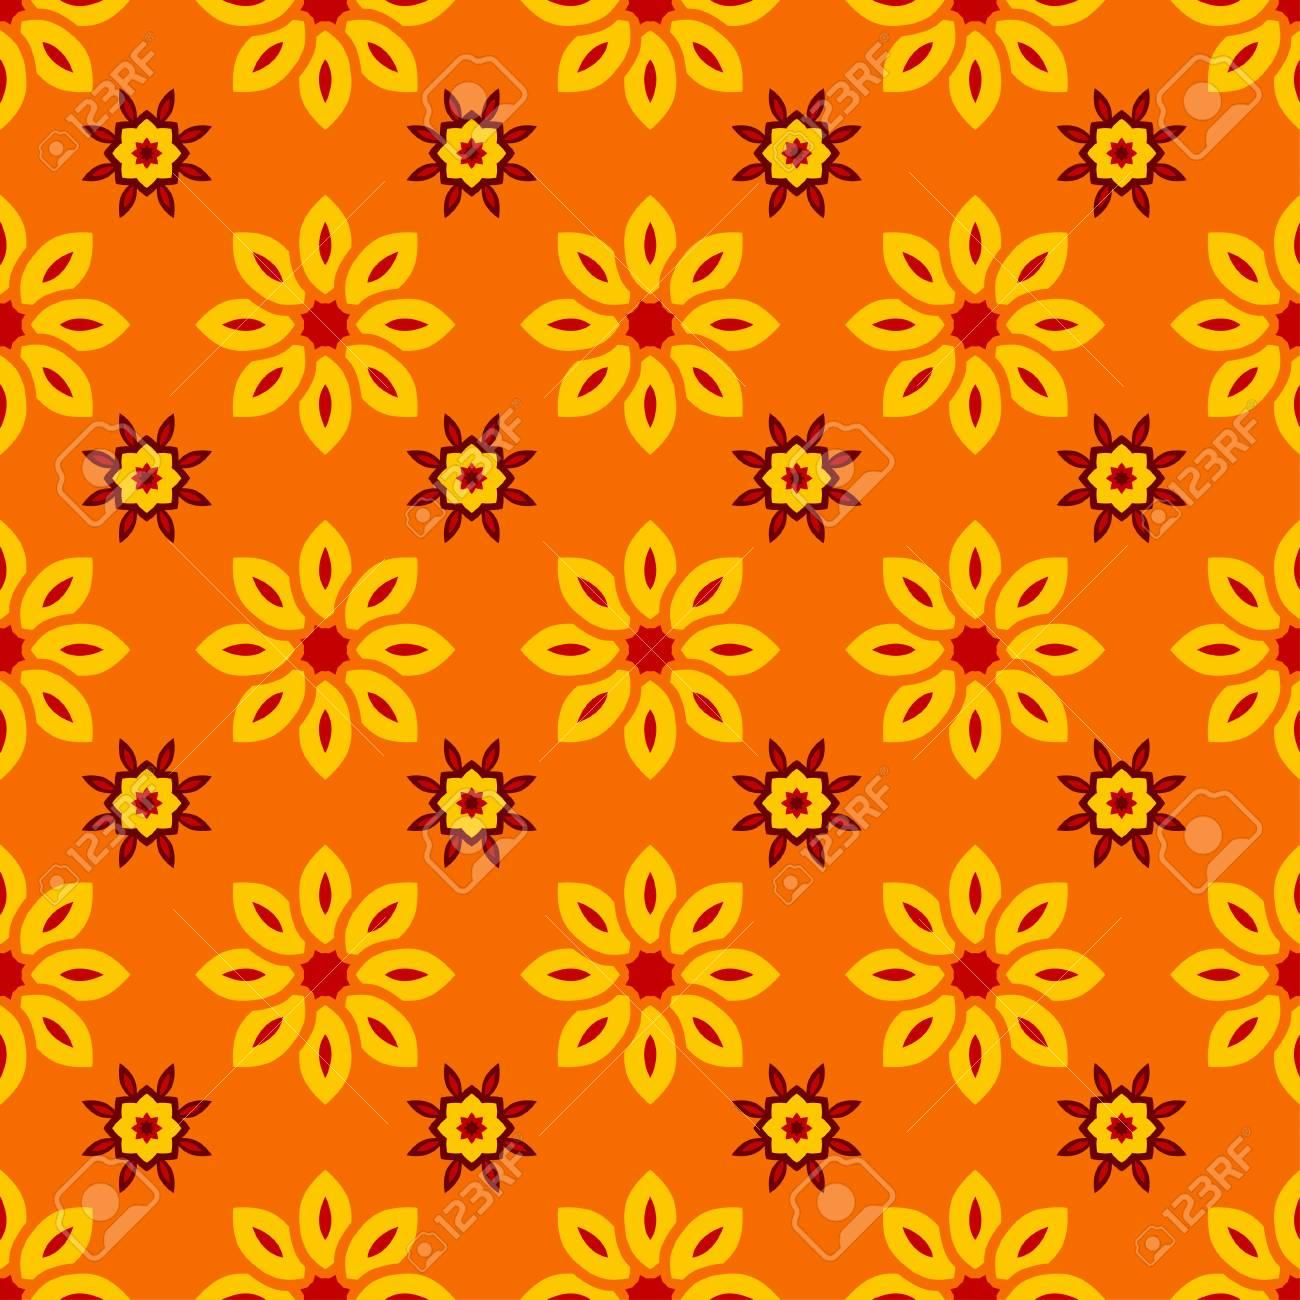 Fiori Gialli Libri.Vettoriale Ornato Floreale Con Fiori Gialli Su Sfondo Arancione